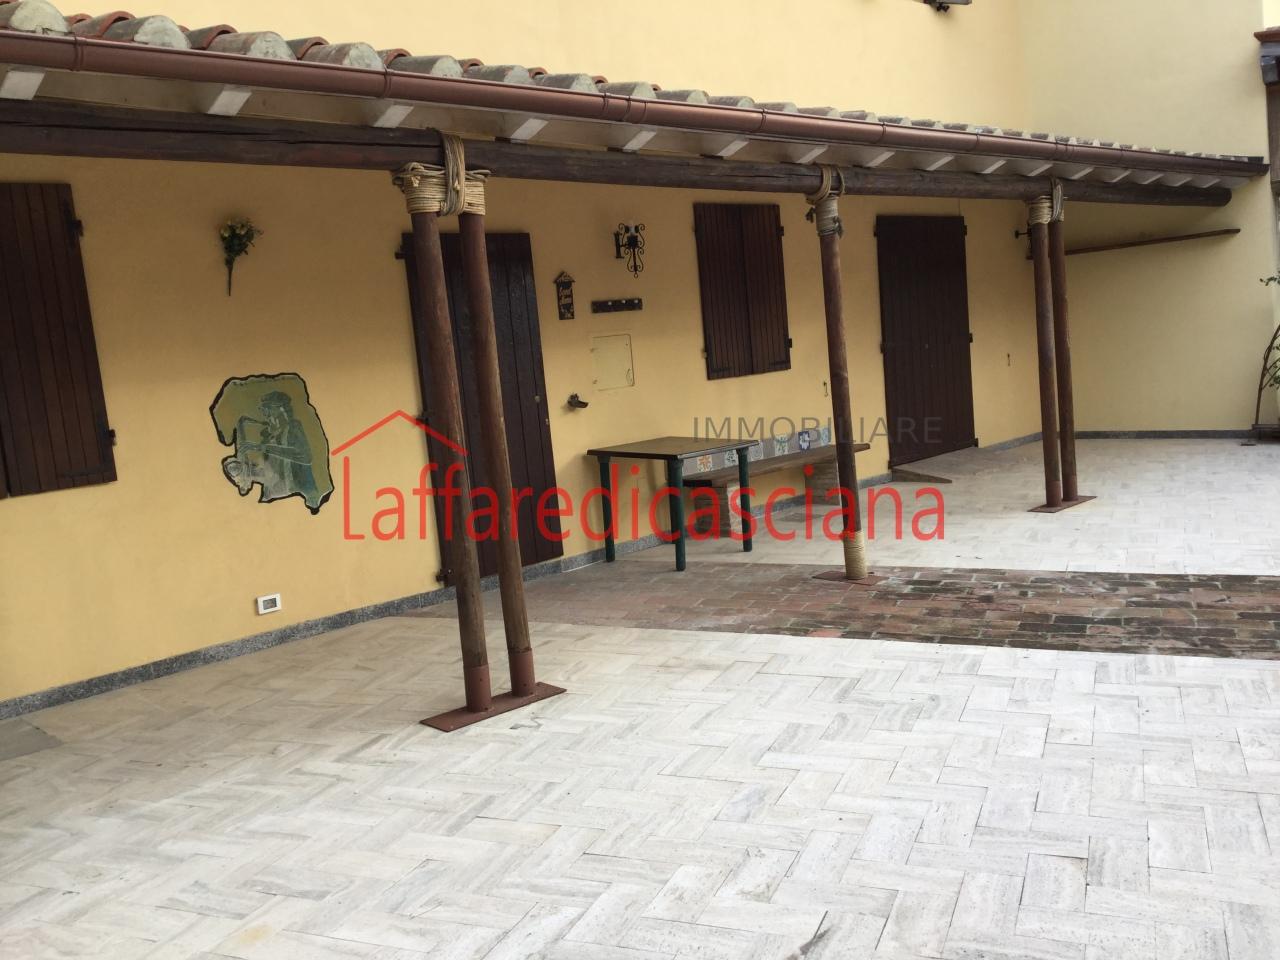 Appartamento in vendita a Casciana Terme Lari, 3 locali, prezzo € 145.000 | Cambio Casa.it